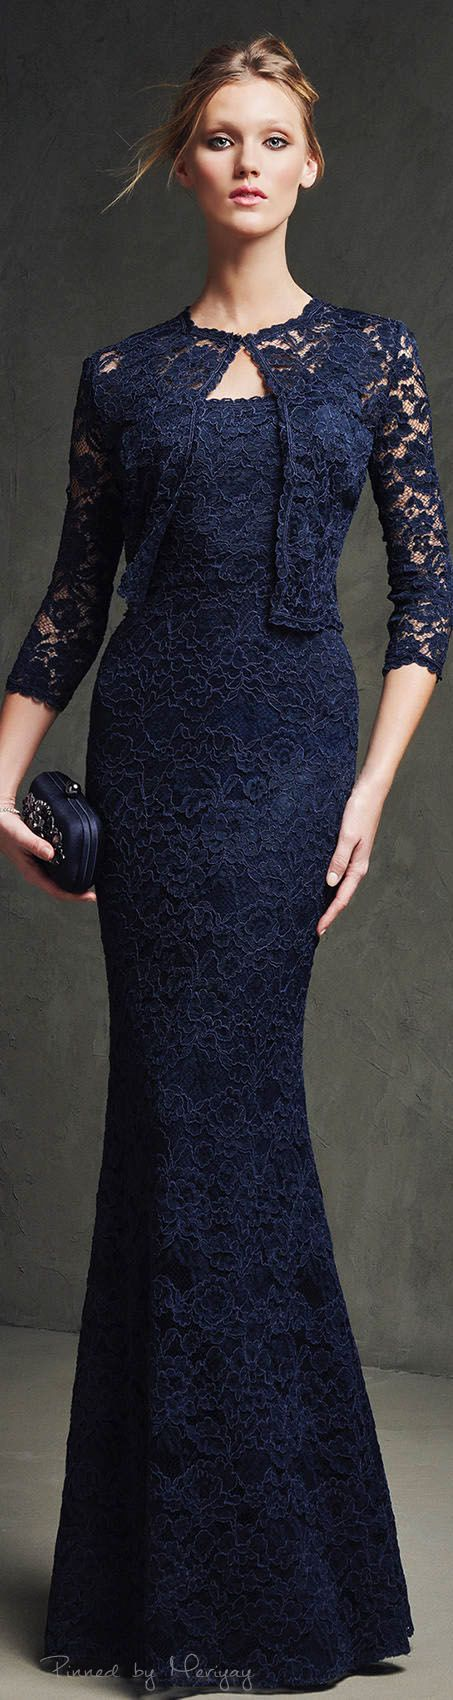 لباس مجلسی زیبای زنانه تابستان ۲۰۱۶